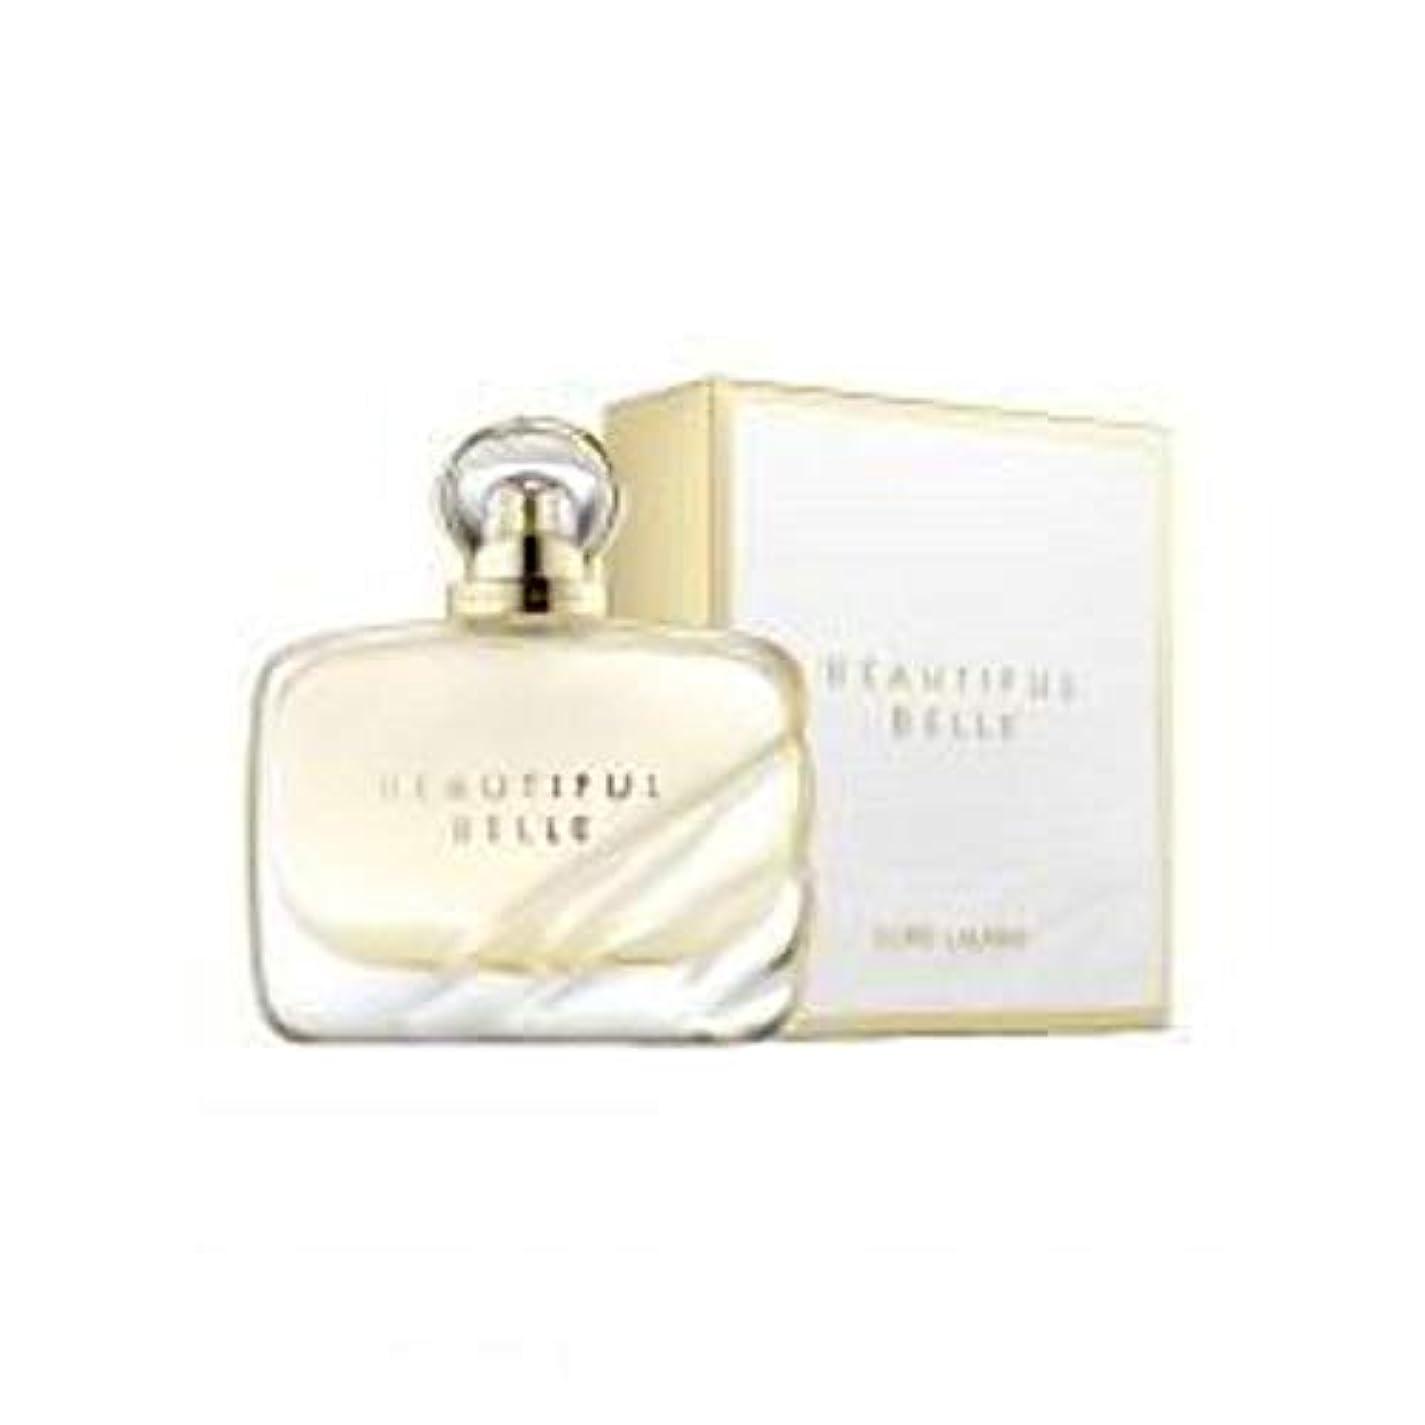 道路を作るプロセスできた二Estee Lauder Beautiful Belle 50 ML Eau de Parfum